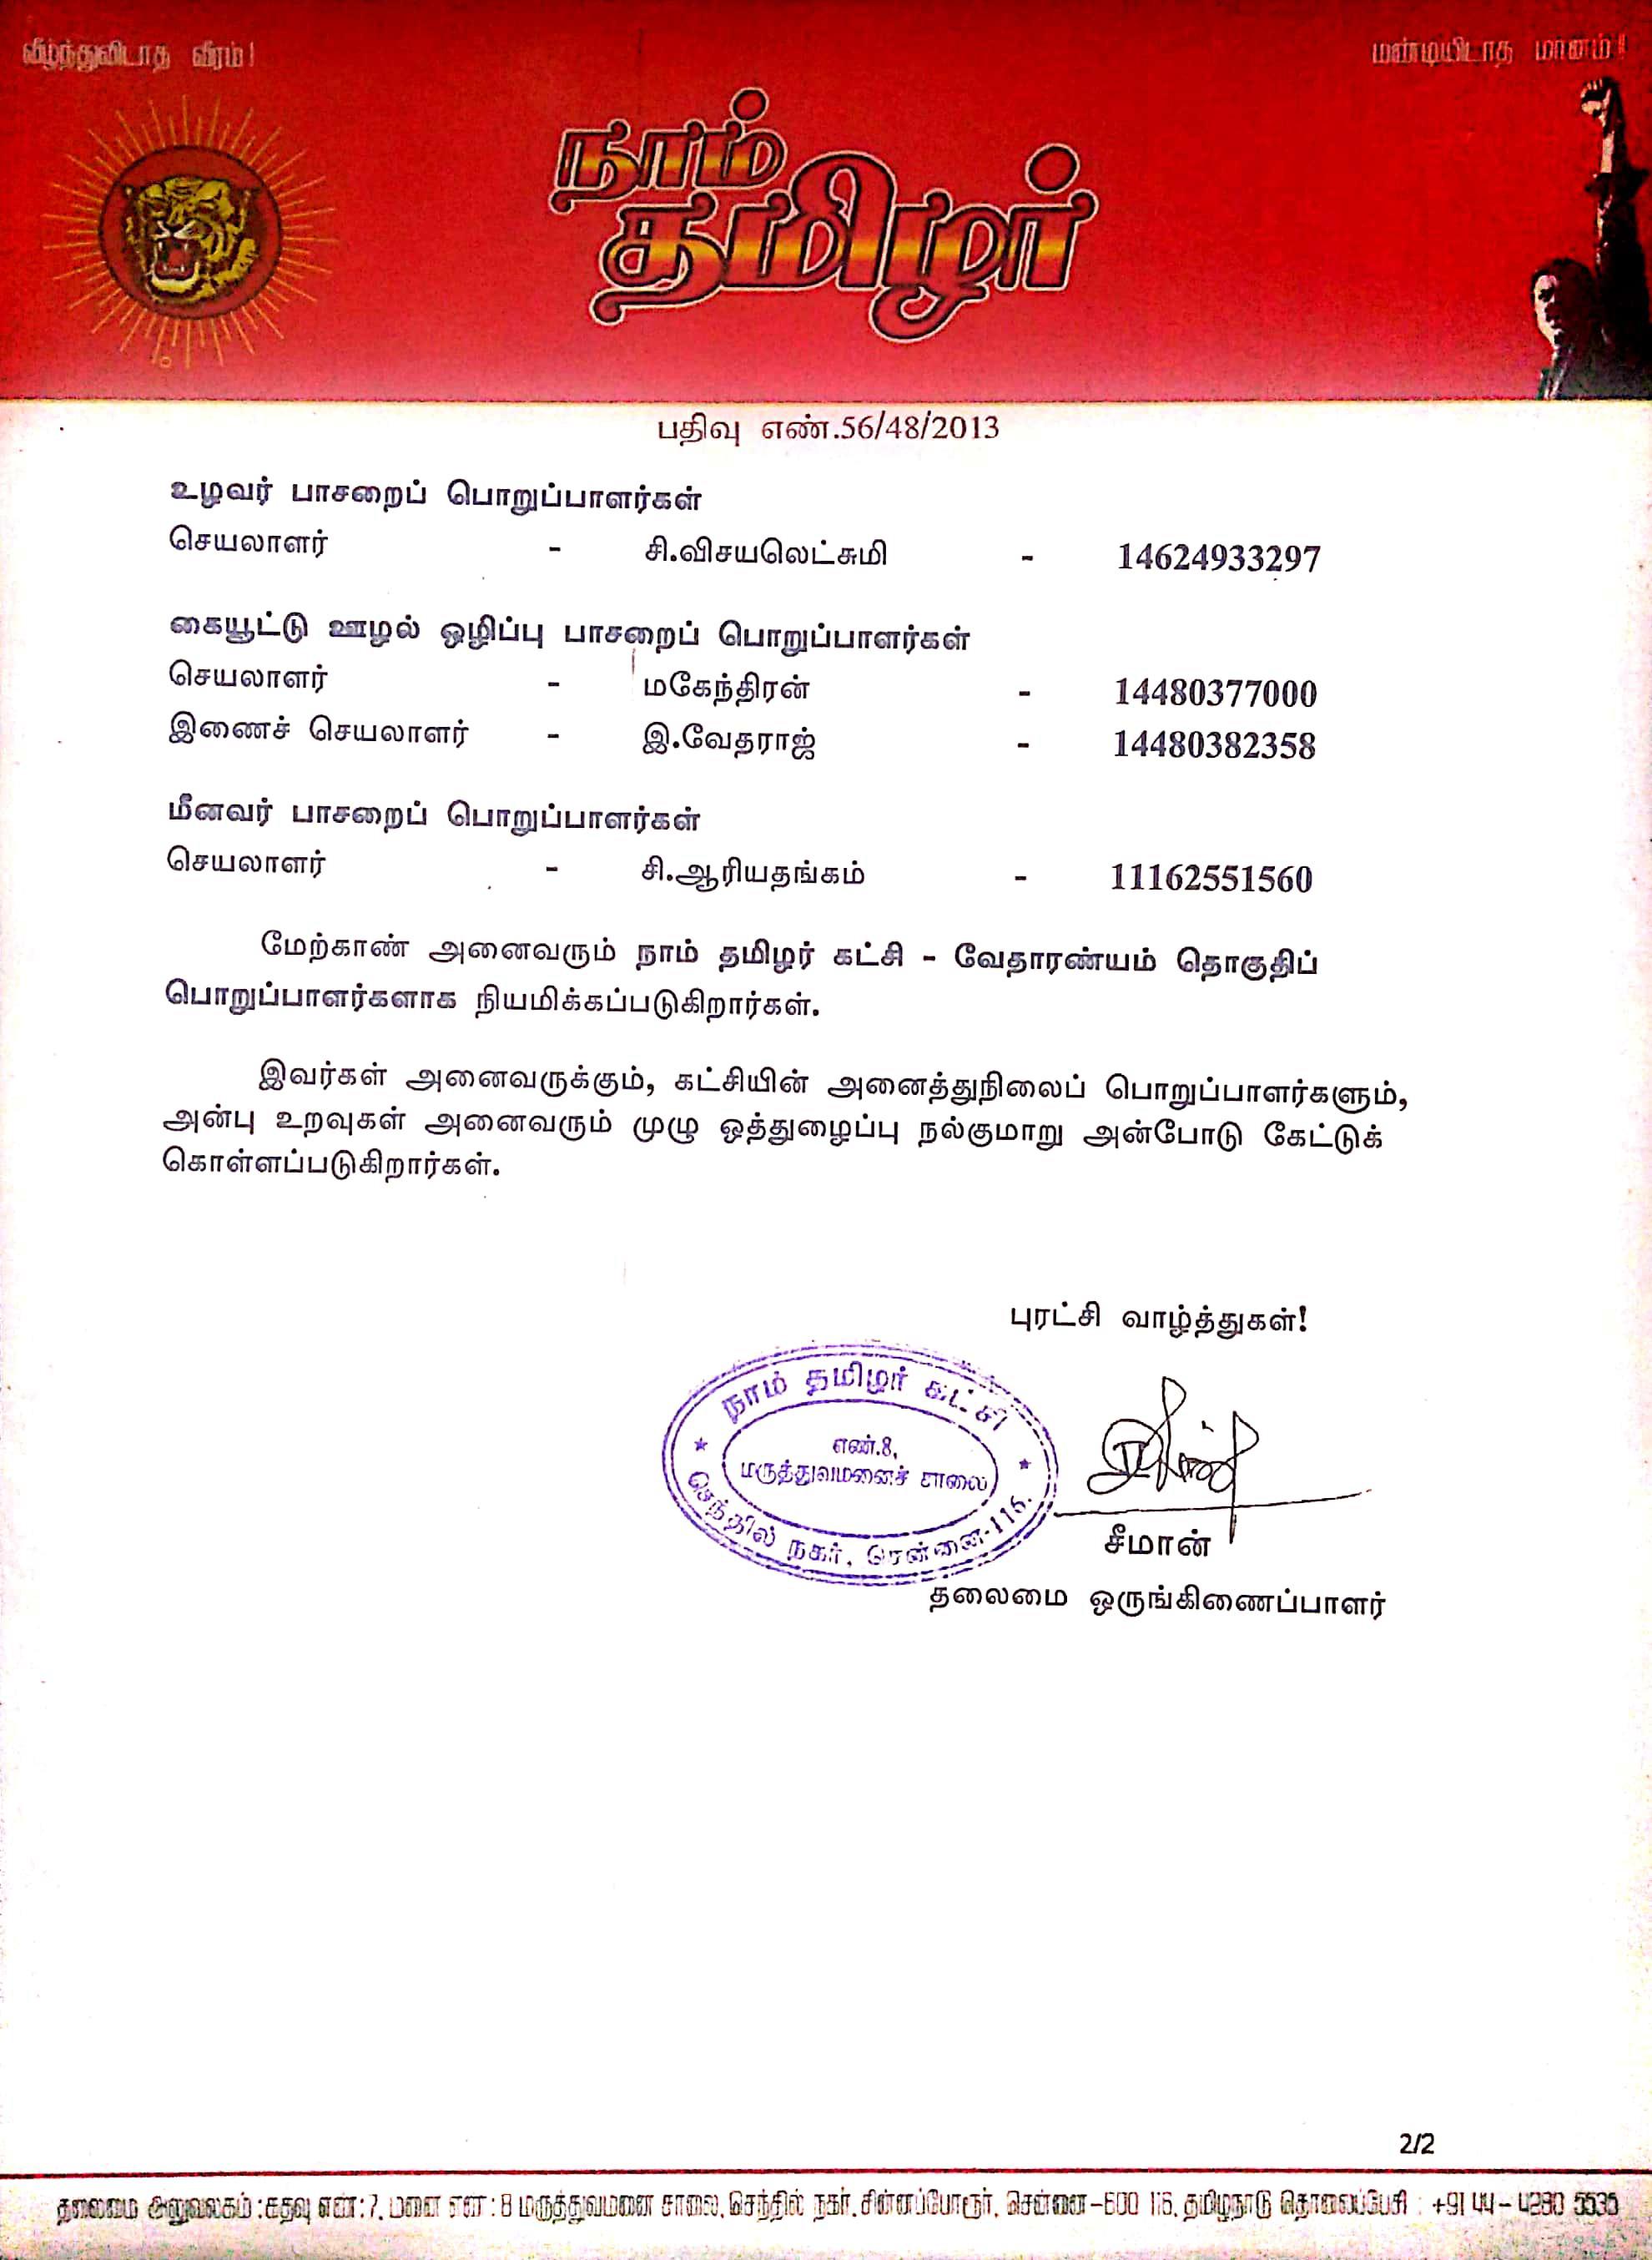 தலைமை அறிவிப்பு: வேதாரண்யம் தொகுதிப் பொறுப்பாளர்கள் நியமனம் | க.எண்: 2019030052 naam tamilar katchi seeman arivippu nagapattinam district vetharanuyam thoguthy poruppalargal 2019 03 0052 part2